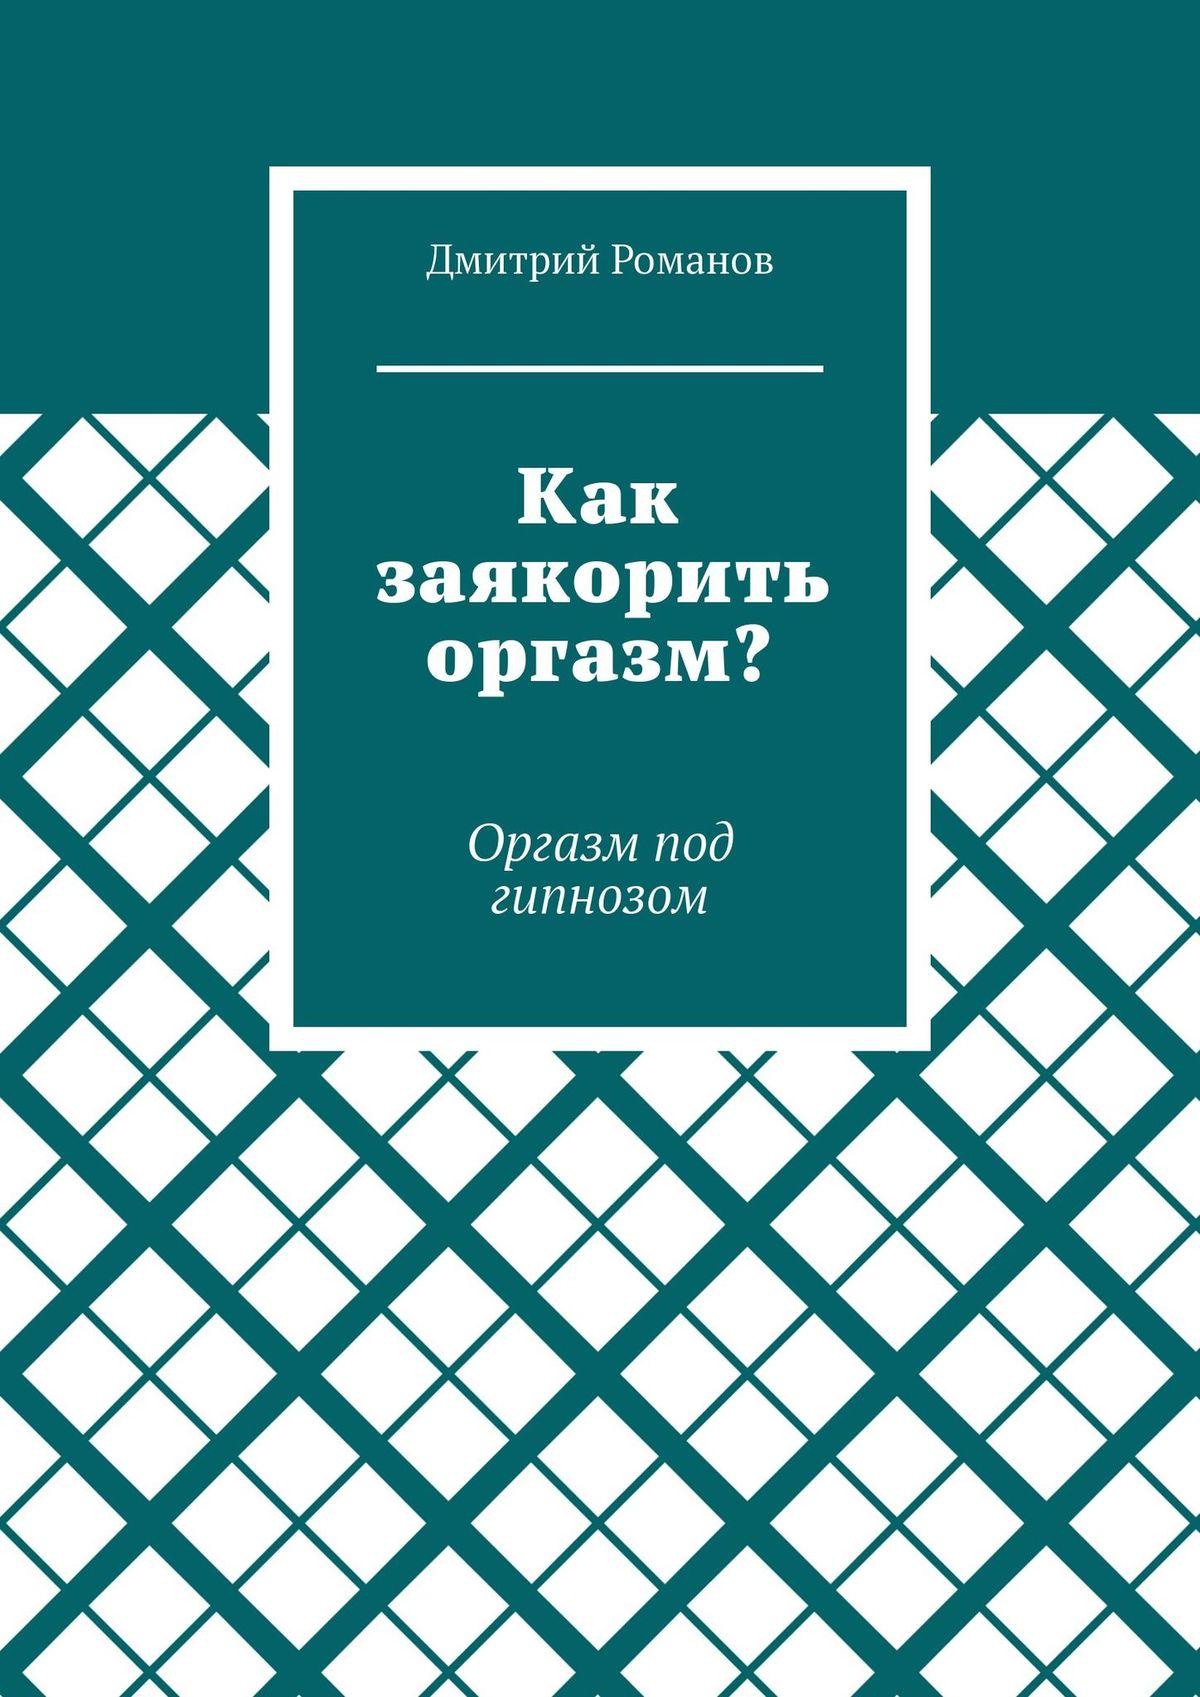 Дмитрий Романов Как заякорить оргазм? Оргазм под гипнозом